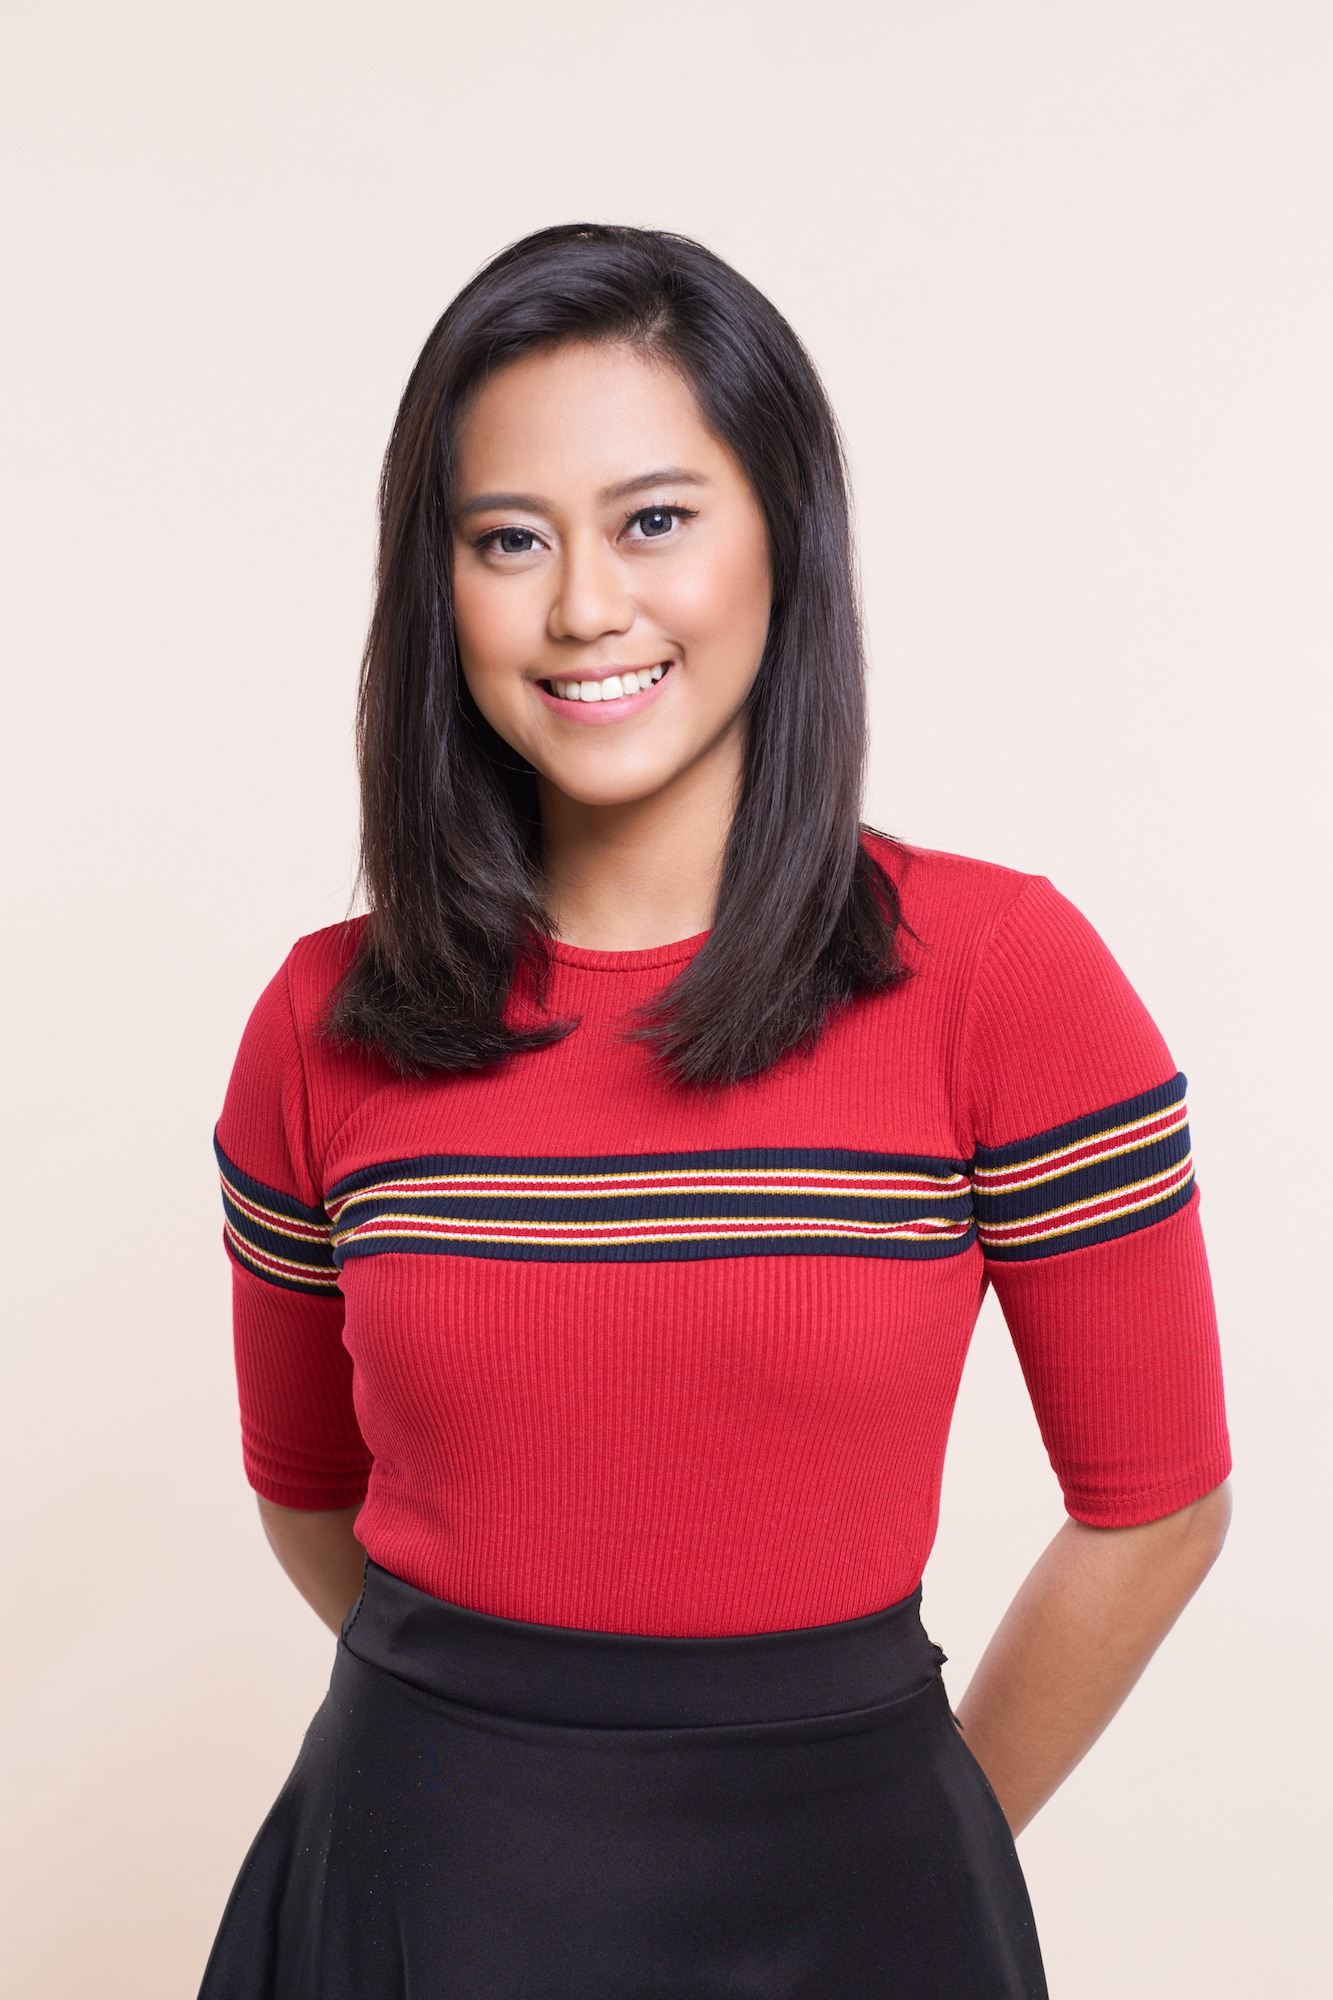 Wanita asia dengan model rambut layer sebahu soft layer dengan baju warna merah